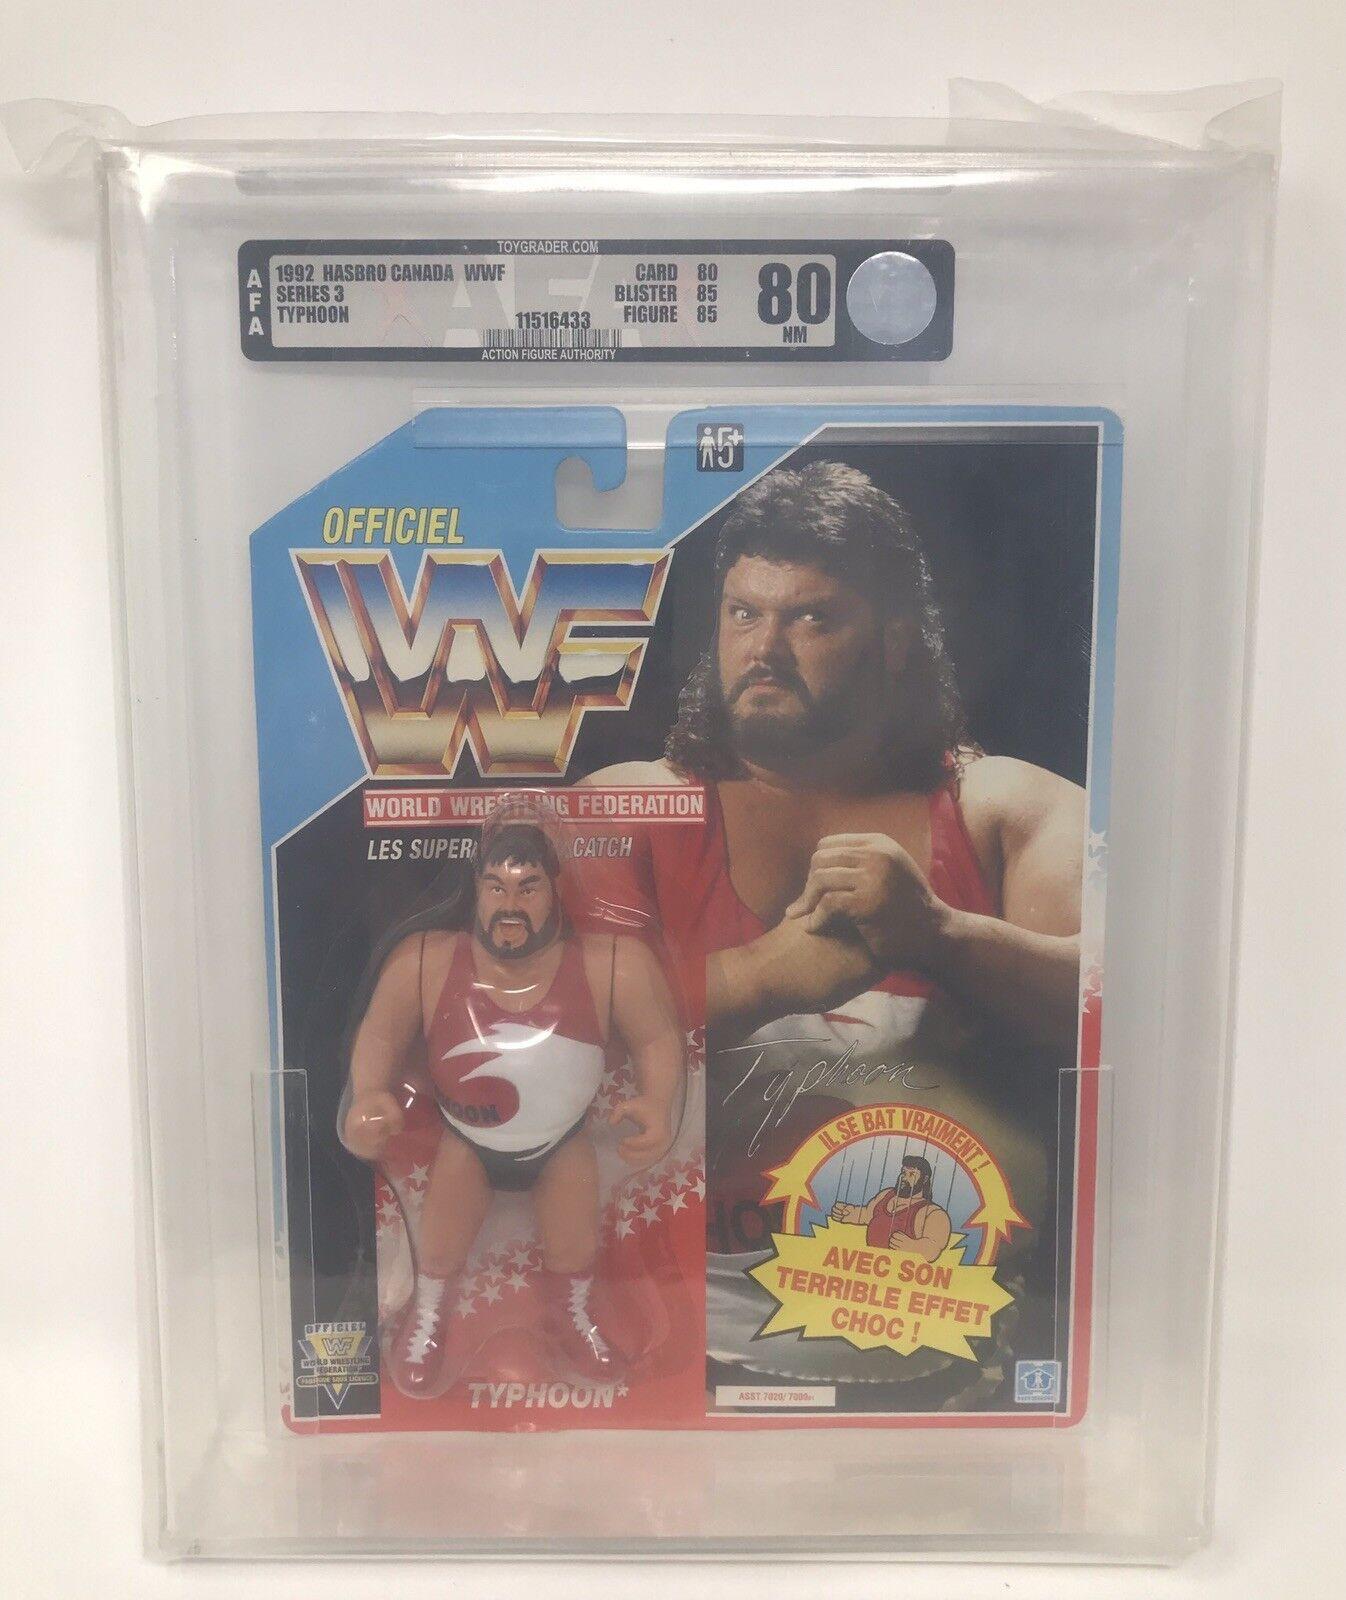 venta de ofertas Typhoon 1992 serie serie serie 3 HASBRO WWF lucha libre figura Frojo Ottman remolcador WWE autoridad Figura de Acción 80  opciones a bajo precio